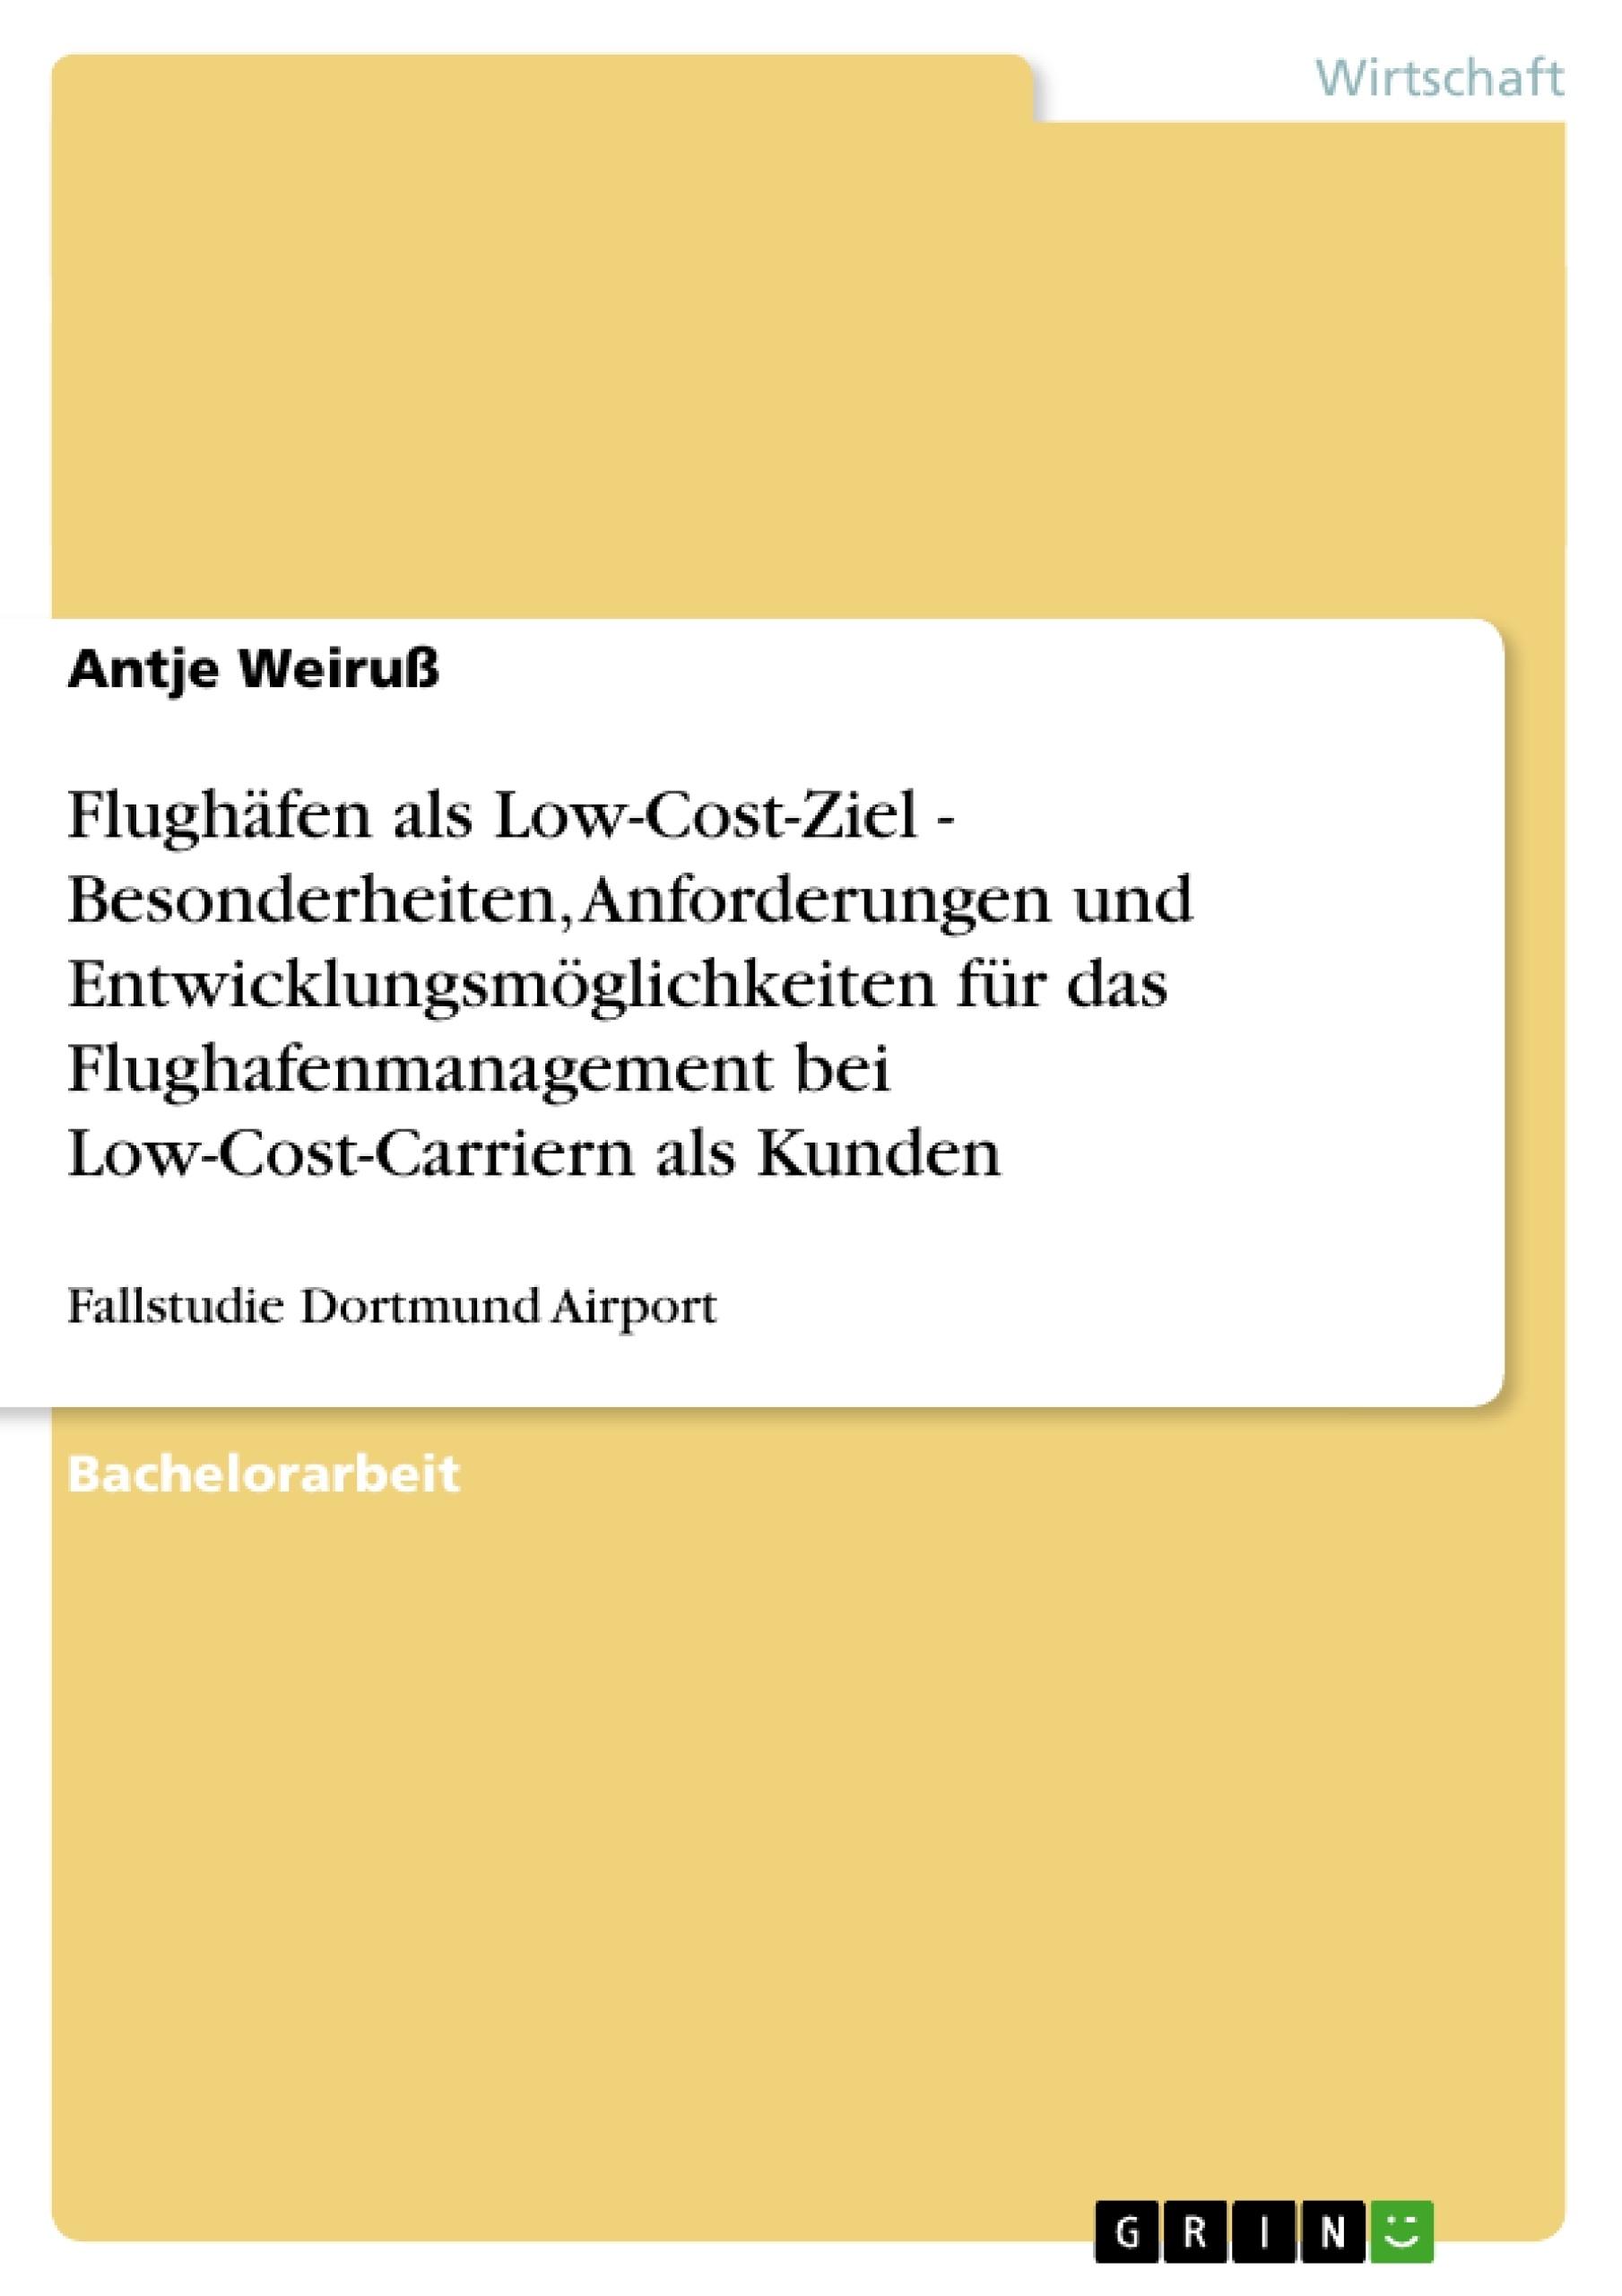 Titel: Flughäfen als Low-Cost-Ziel - Besonderheiten, Anforderungen und Entwicklungsmöglichkeiten für das Flughafenmanagement bei Low-Cost-Carriern als Kunden